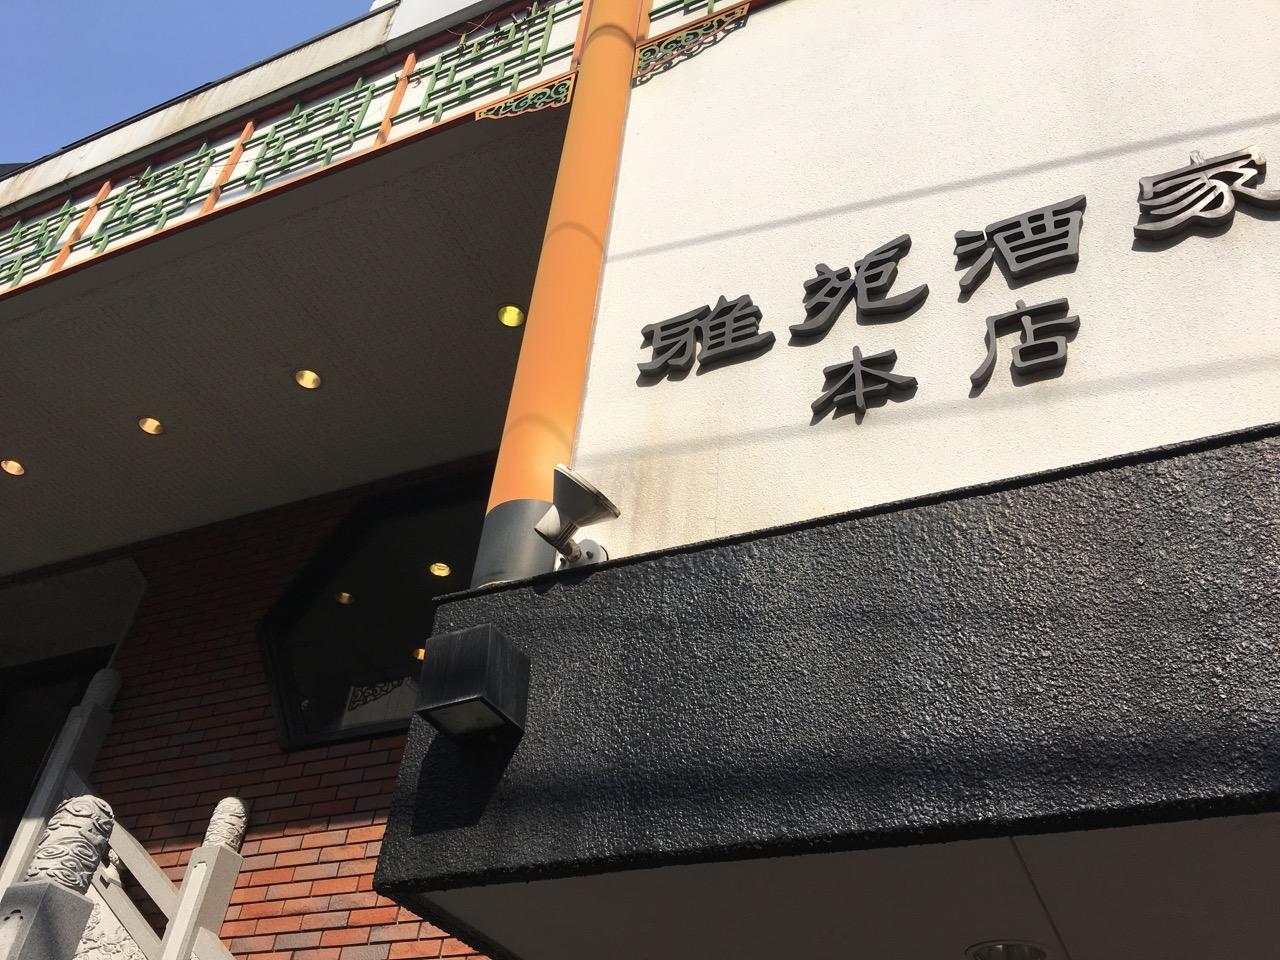 神戸中華街の雅苑酒家 本店 (ガエンシュカ)で隠れ家ランチ